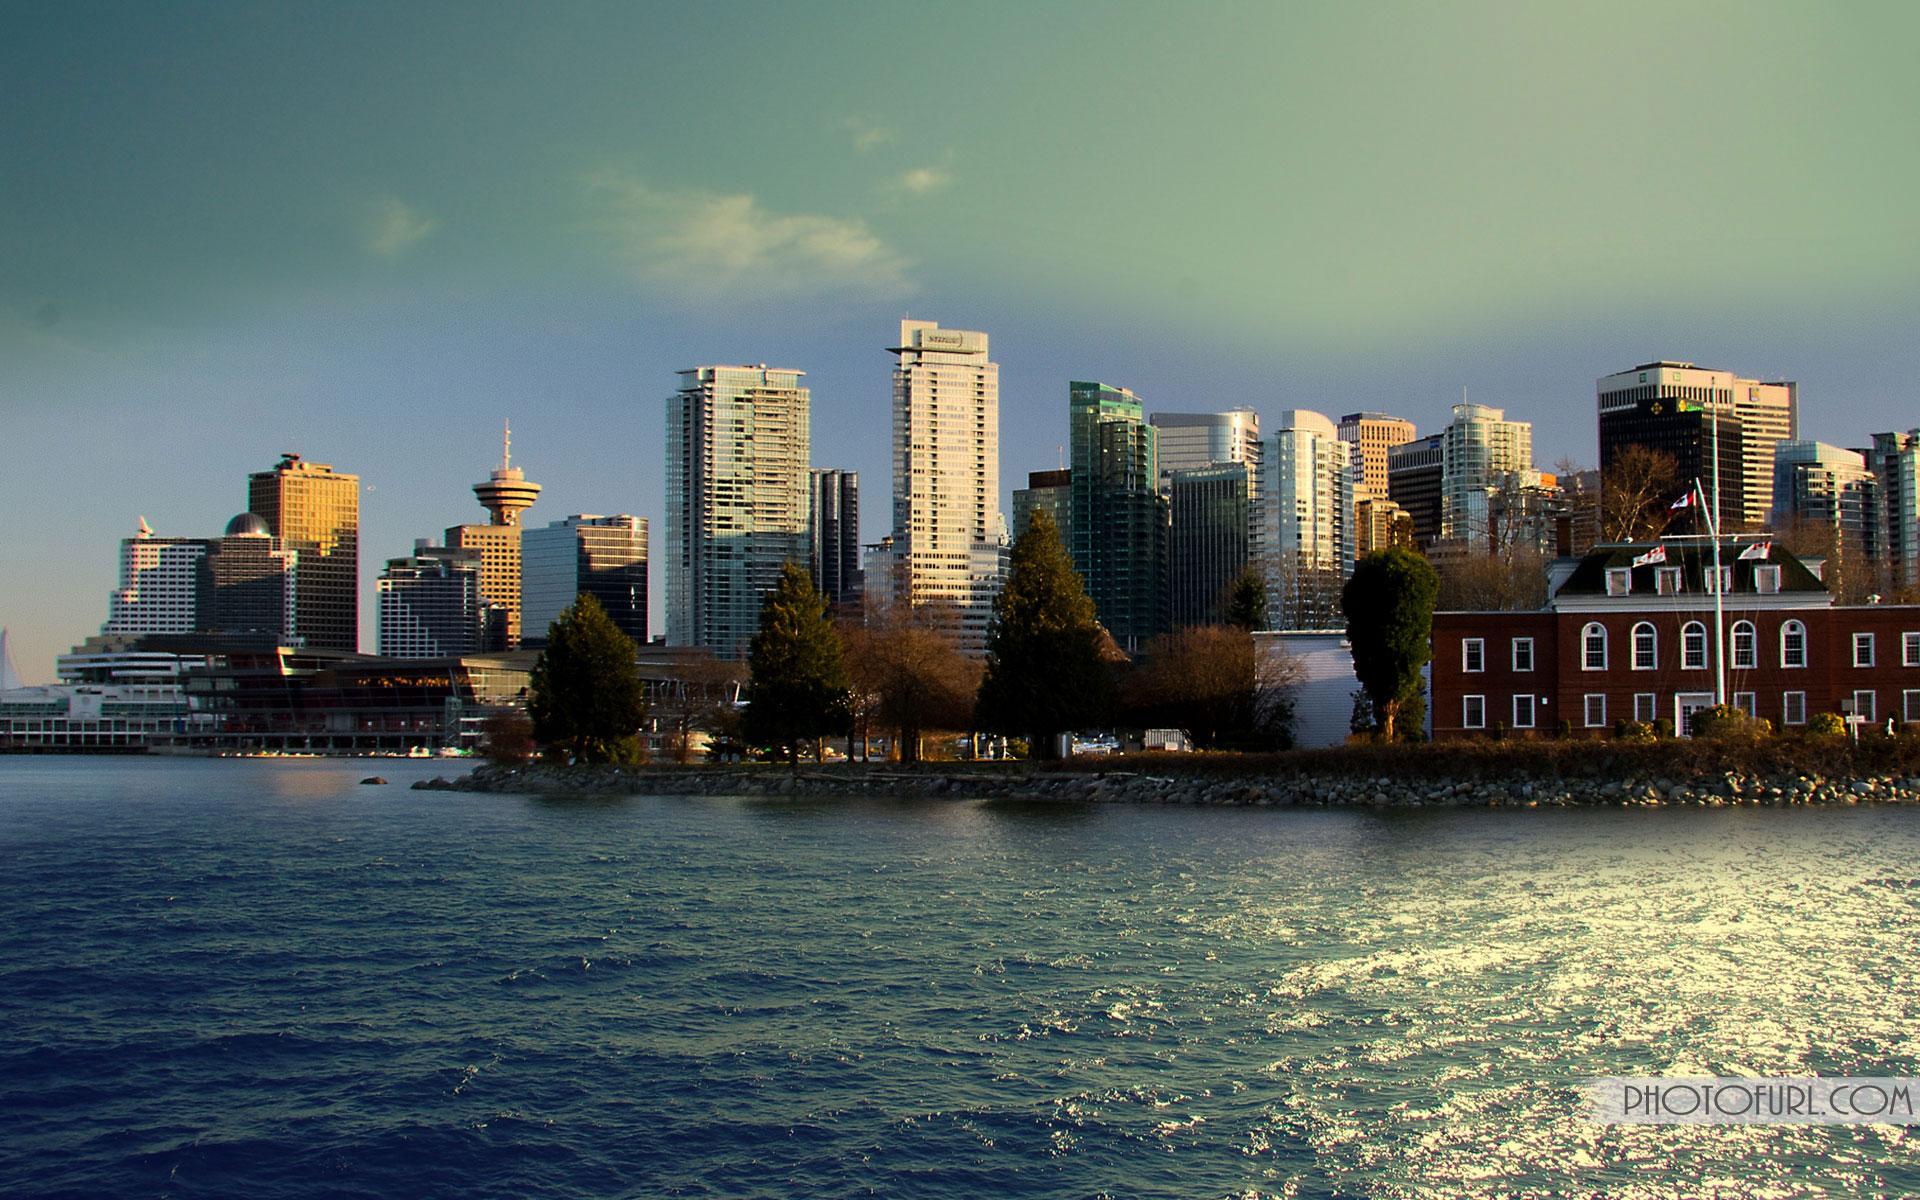 கனடா Canada-city-lights-of-montreal-quebec-wallpaper